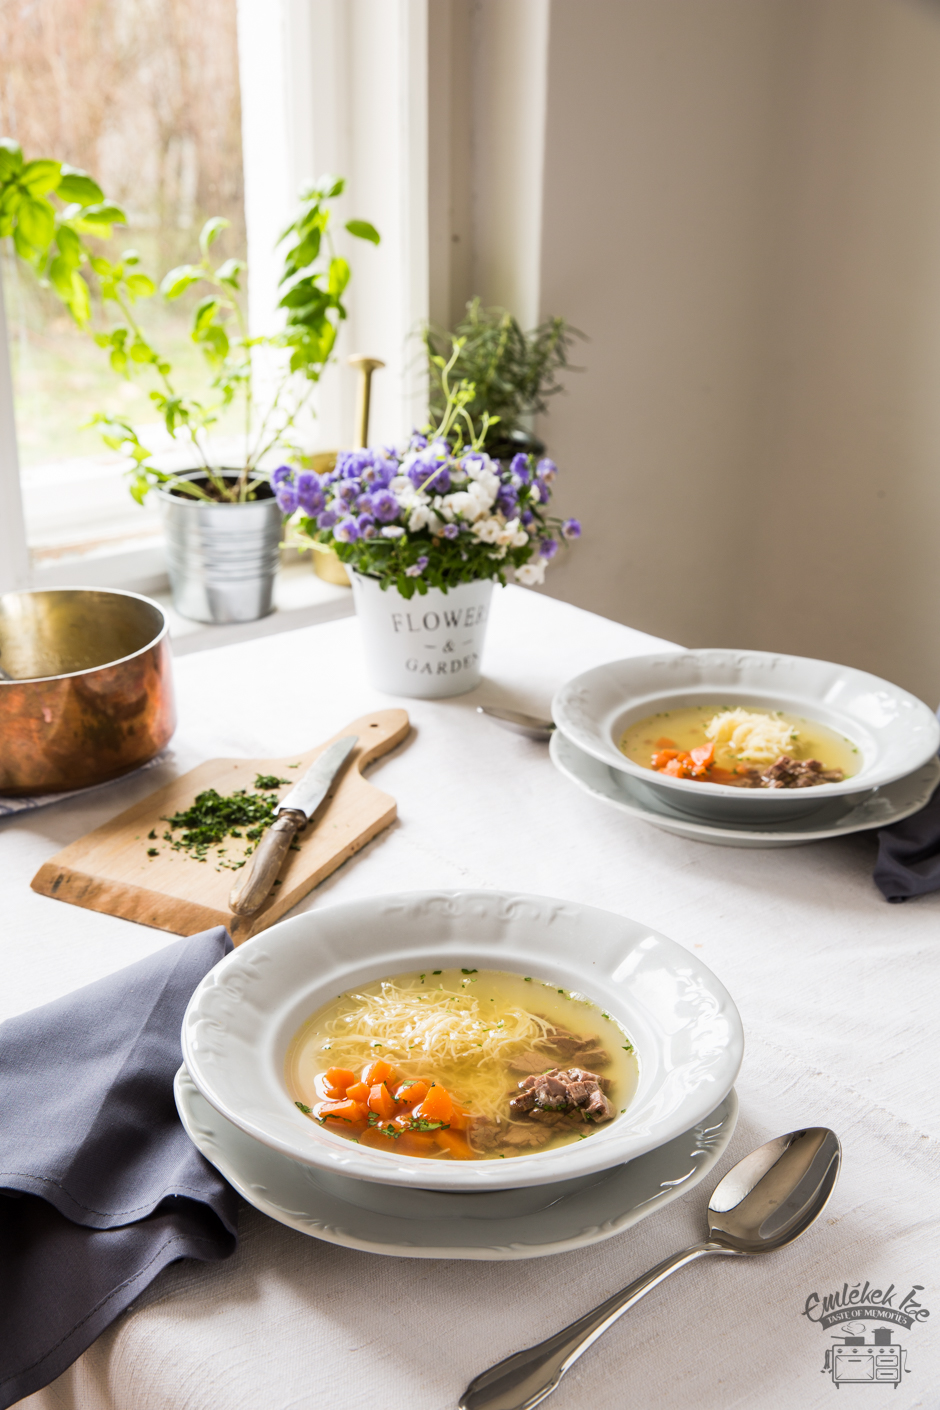 húsleves az Emlékek Íze konyhájából